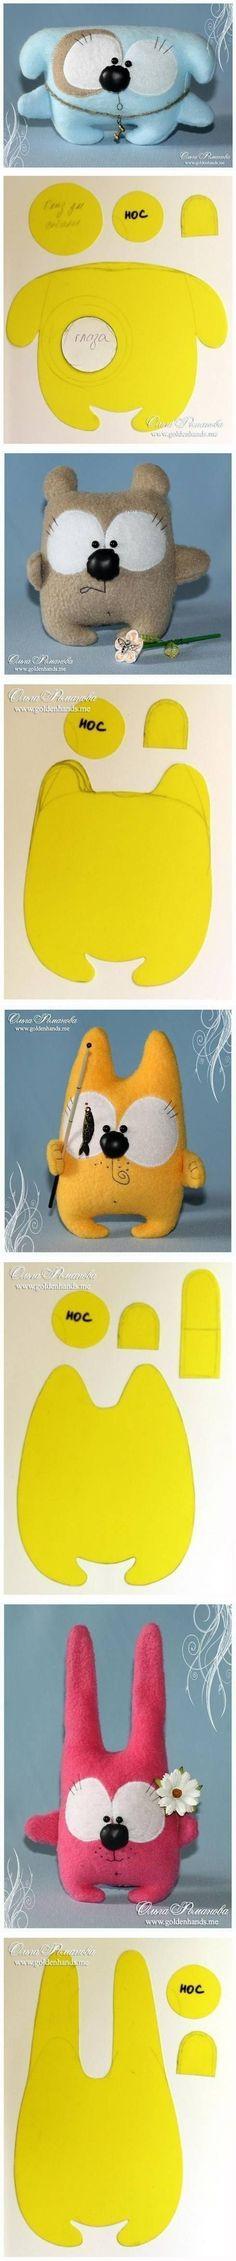 DIY Cute Fabric Toys Patterns DIY Projects / UsefulDIY.com